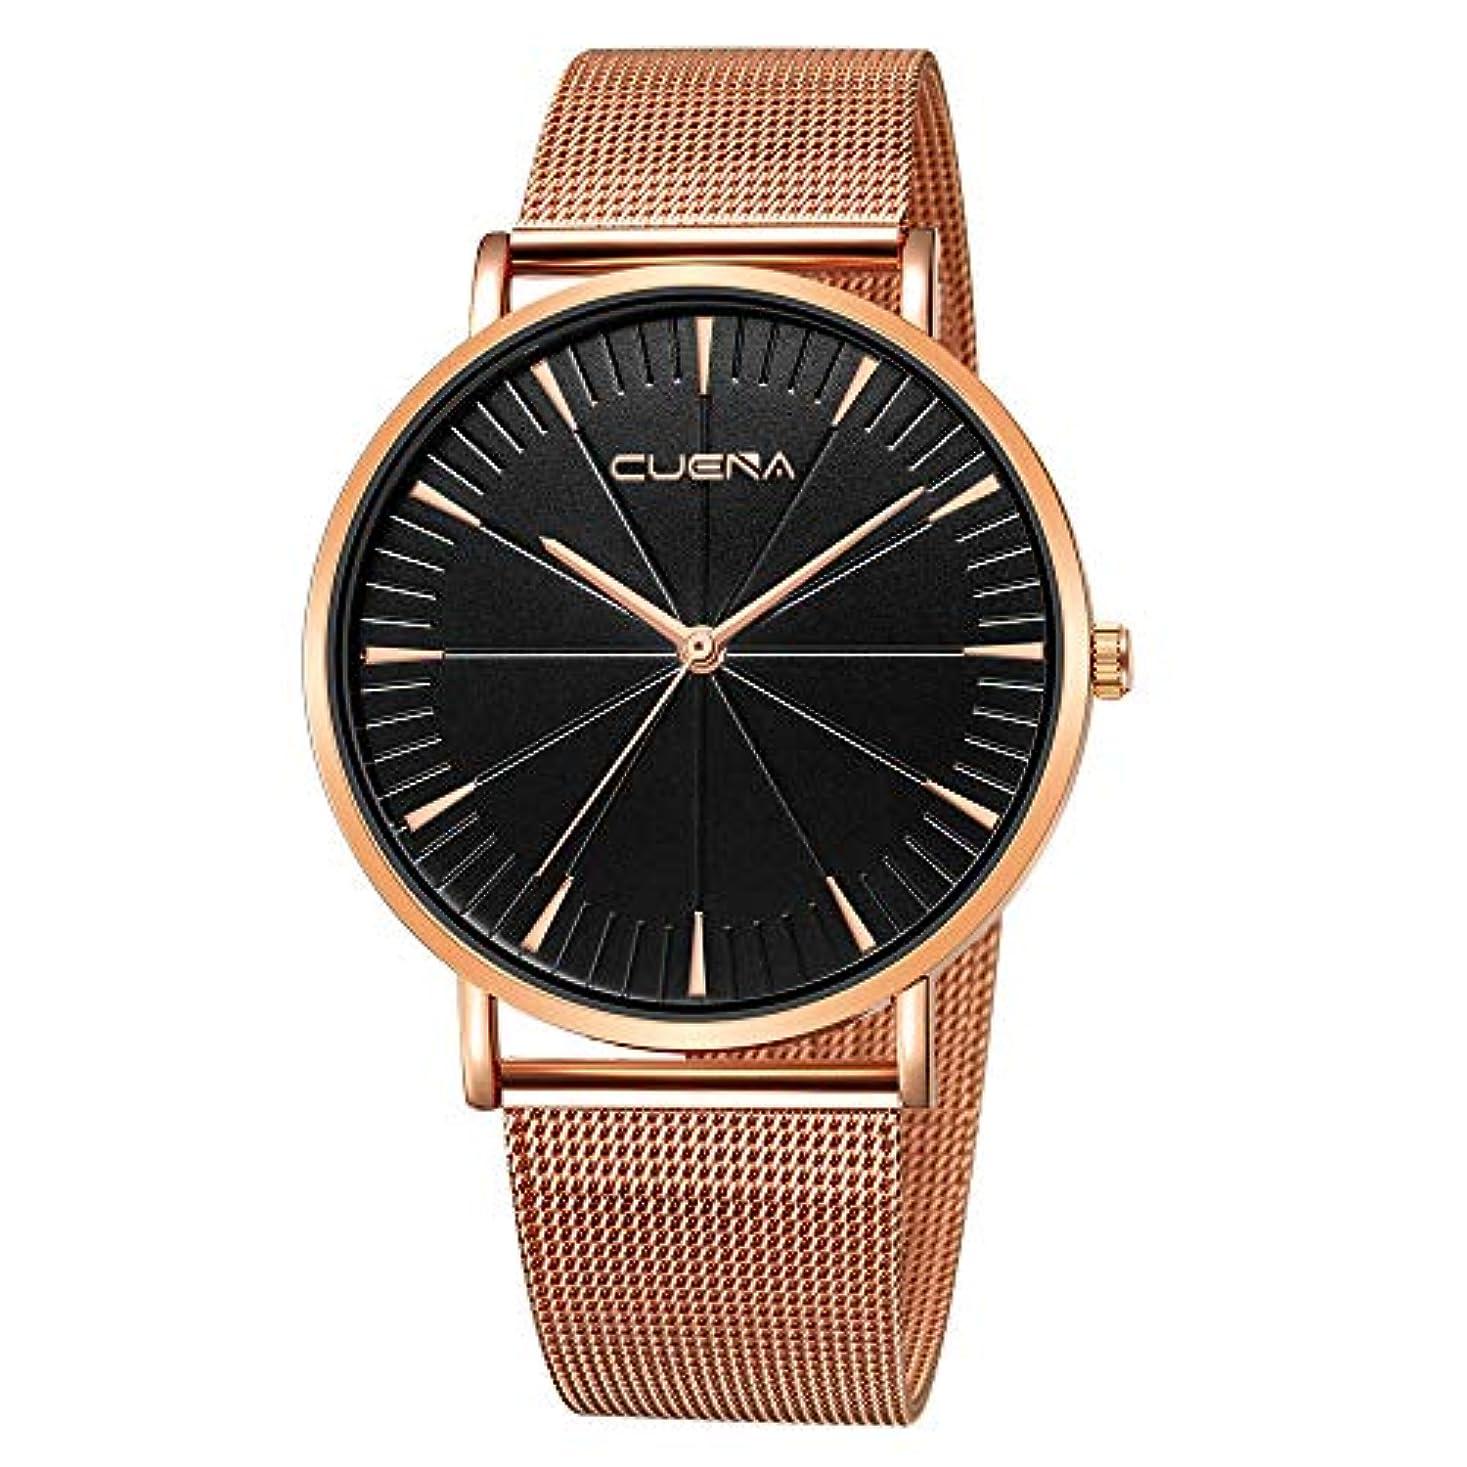 いつか滝特徴づけるRencaifeinimo2019年最新 紳士用 超薄型 男女兼用 多機能 腕時計 人気 平日 ファッション メンズファッションミリタリーステンレススチールアナログスポーツクォーツビジネス腕時計